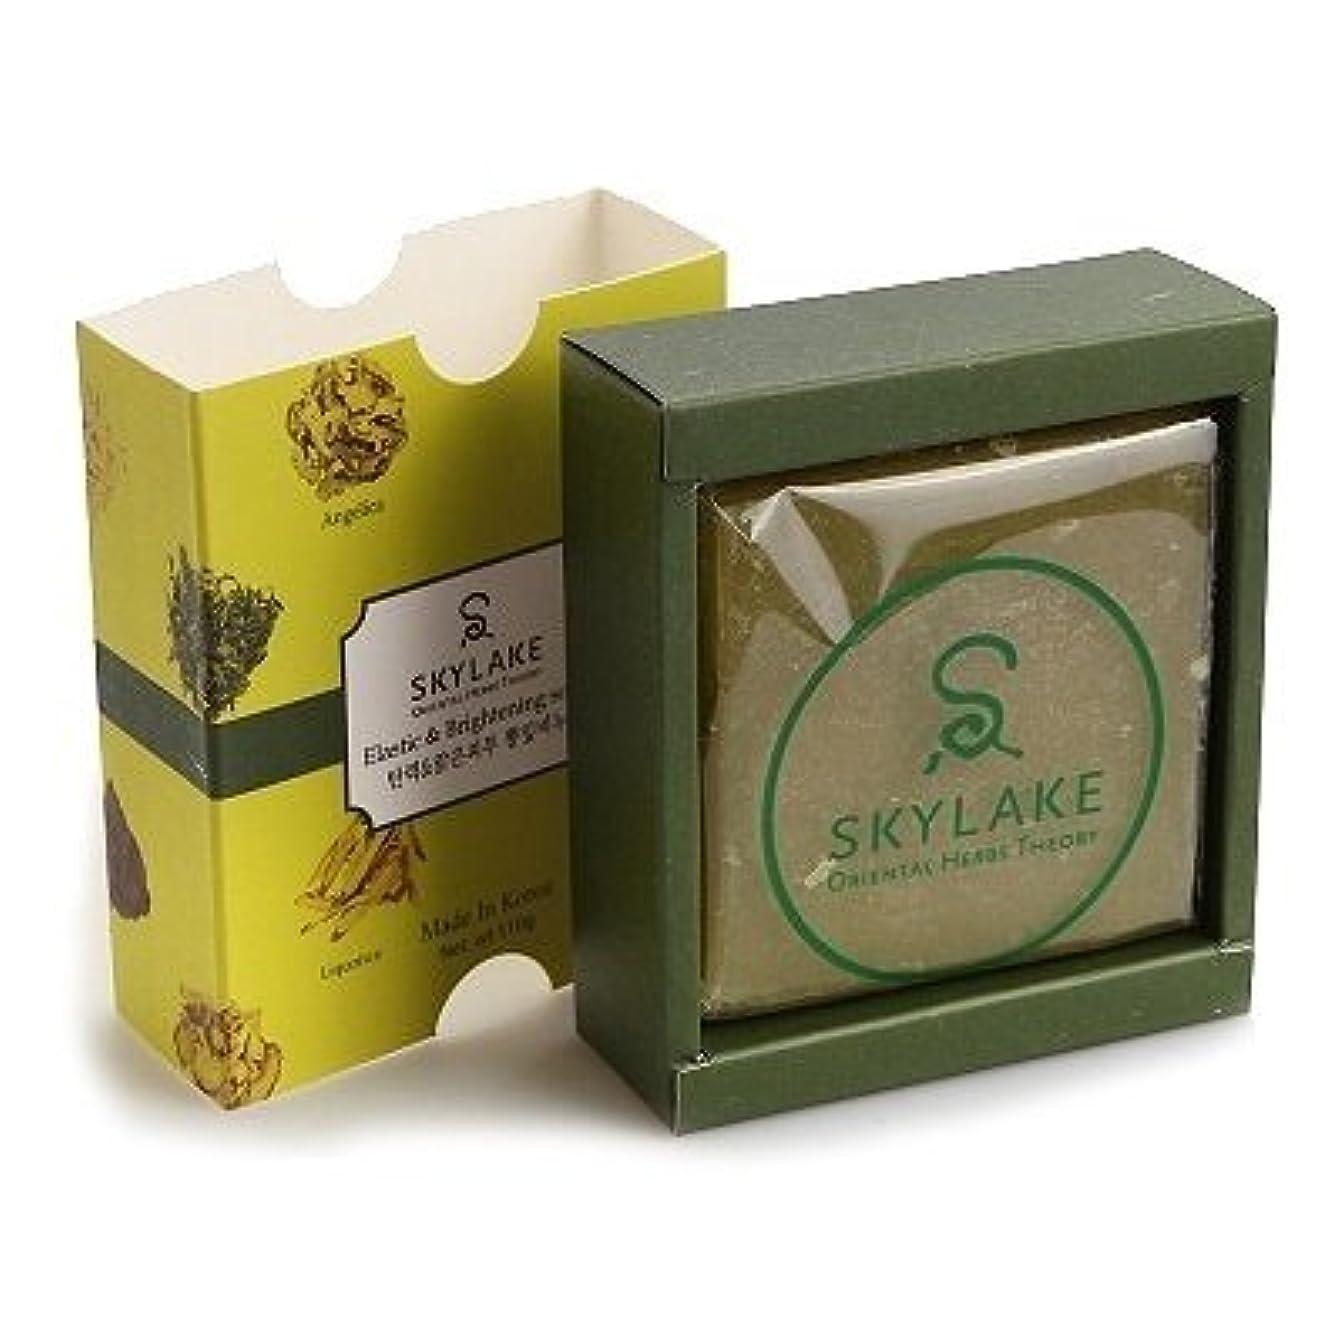 バナナ太平洋諸島火傷[1+1]ハヌルホス[Skylake] 漢方アロマ石鹸Oriental Herbs Theory Soap (ハリ改善&ブライトニング用)